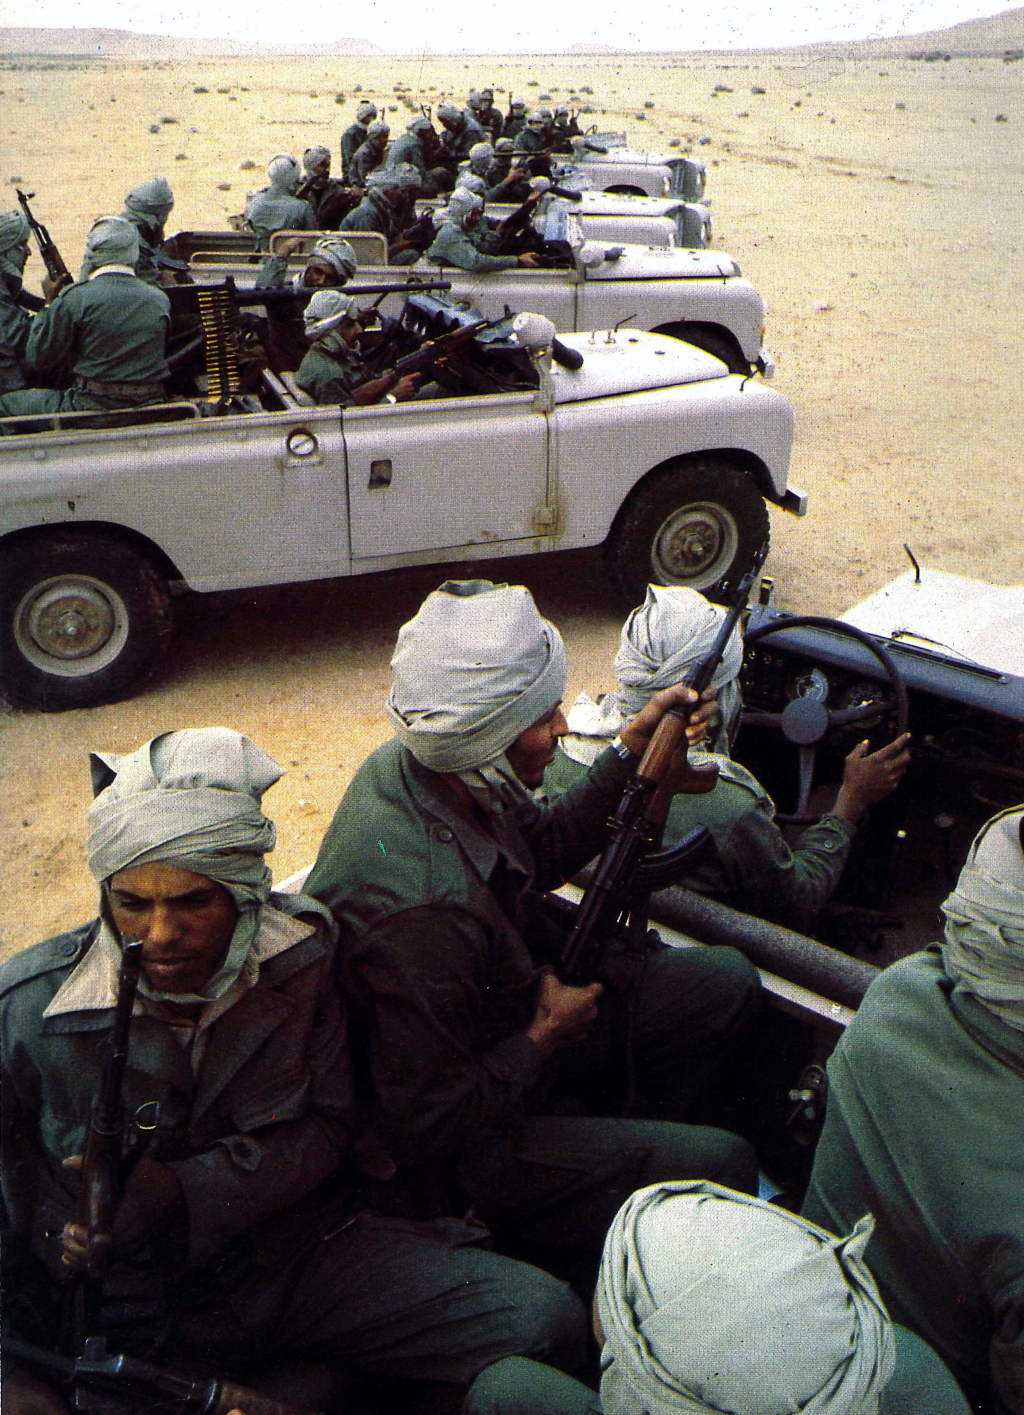 Le conflit armé du sahara marocain - Page 11 43446974284_fd1a172899_o